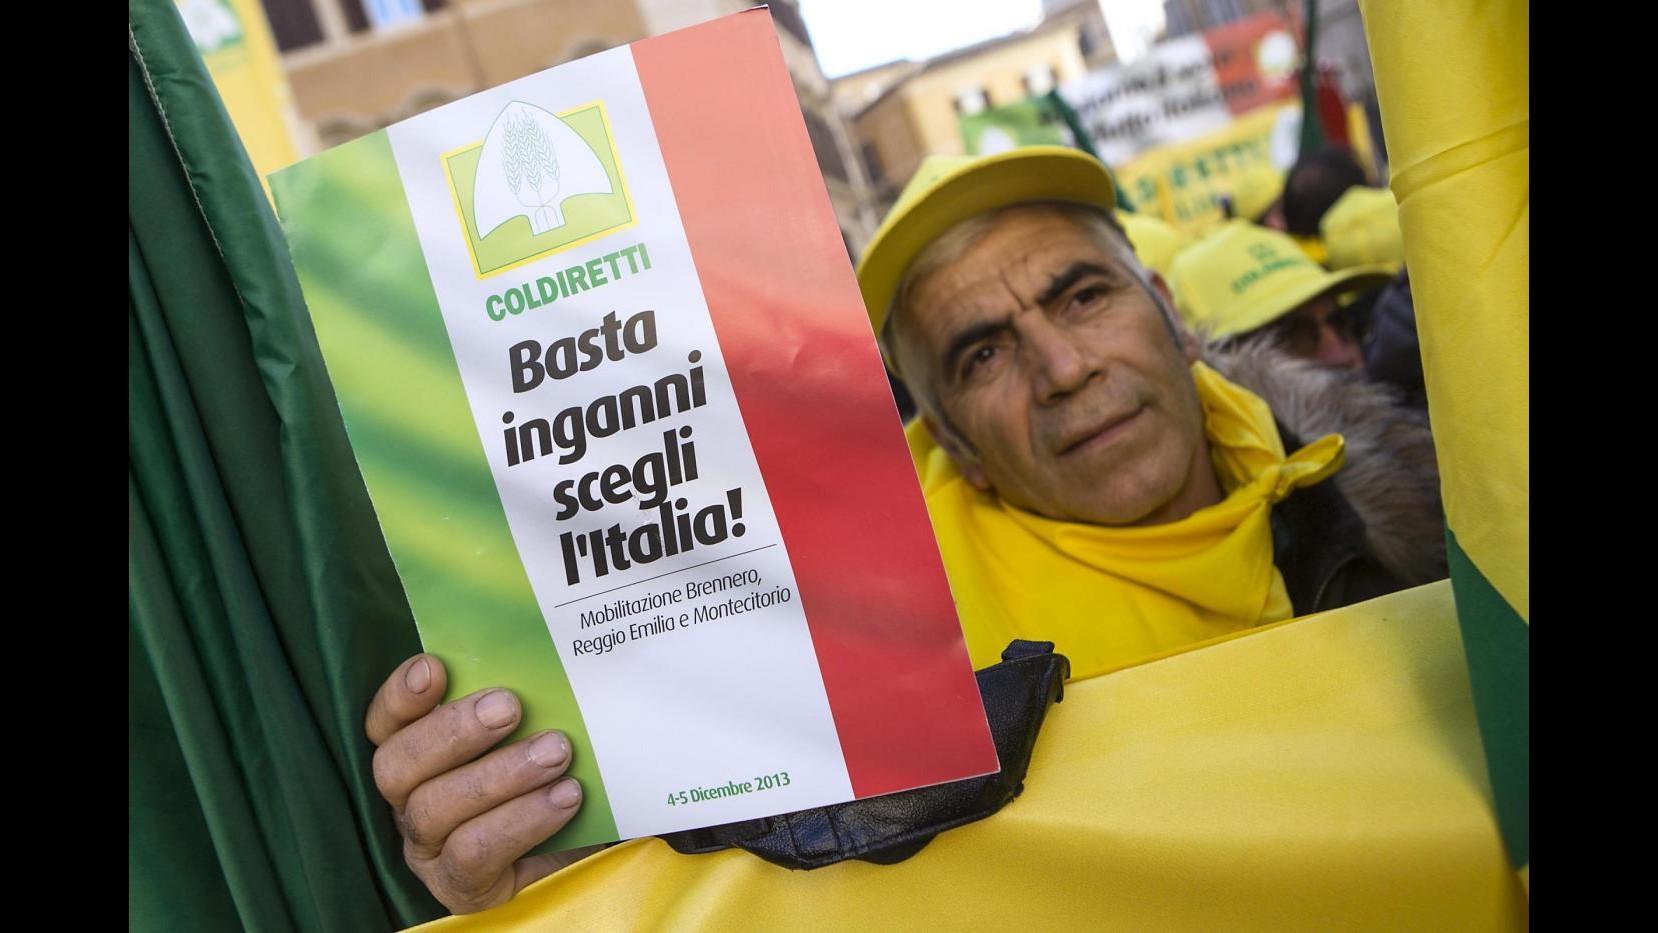 Ucraina, Coldiretti: Con embargo Russia è boom di falso Made In Italy